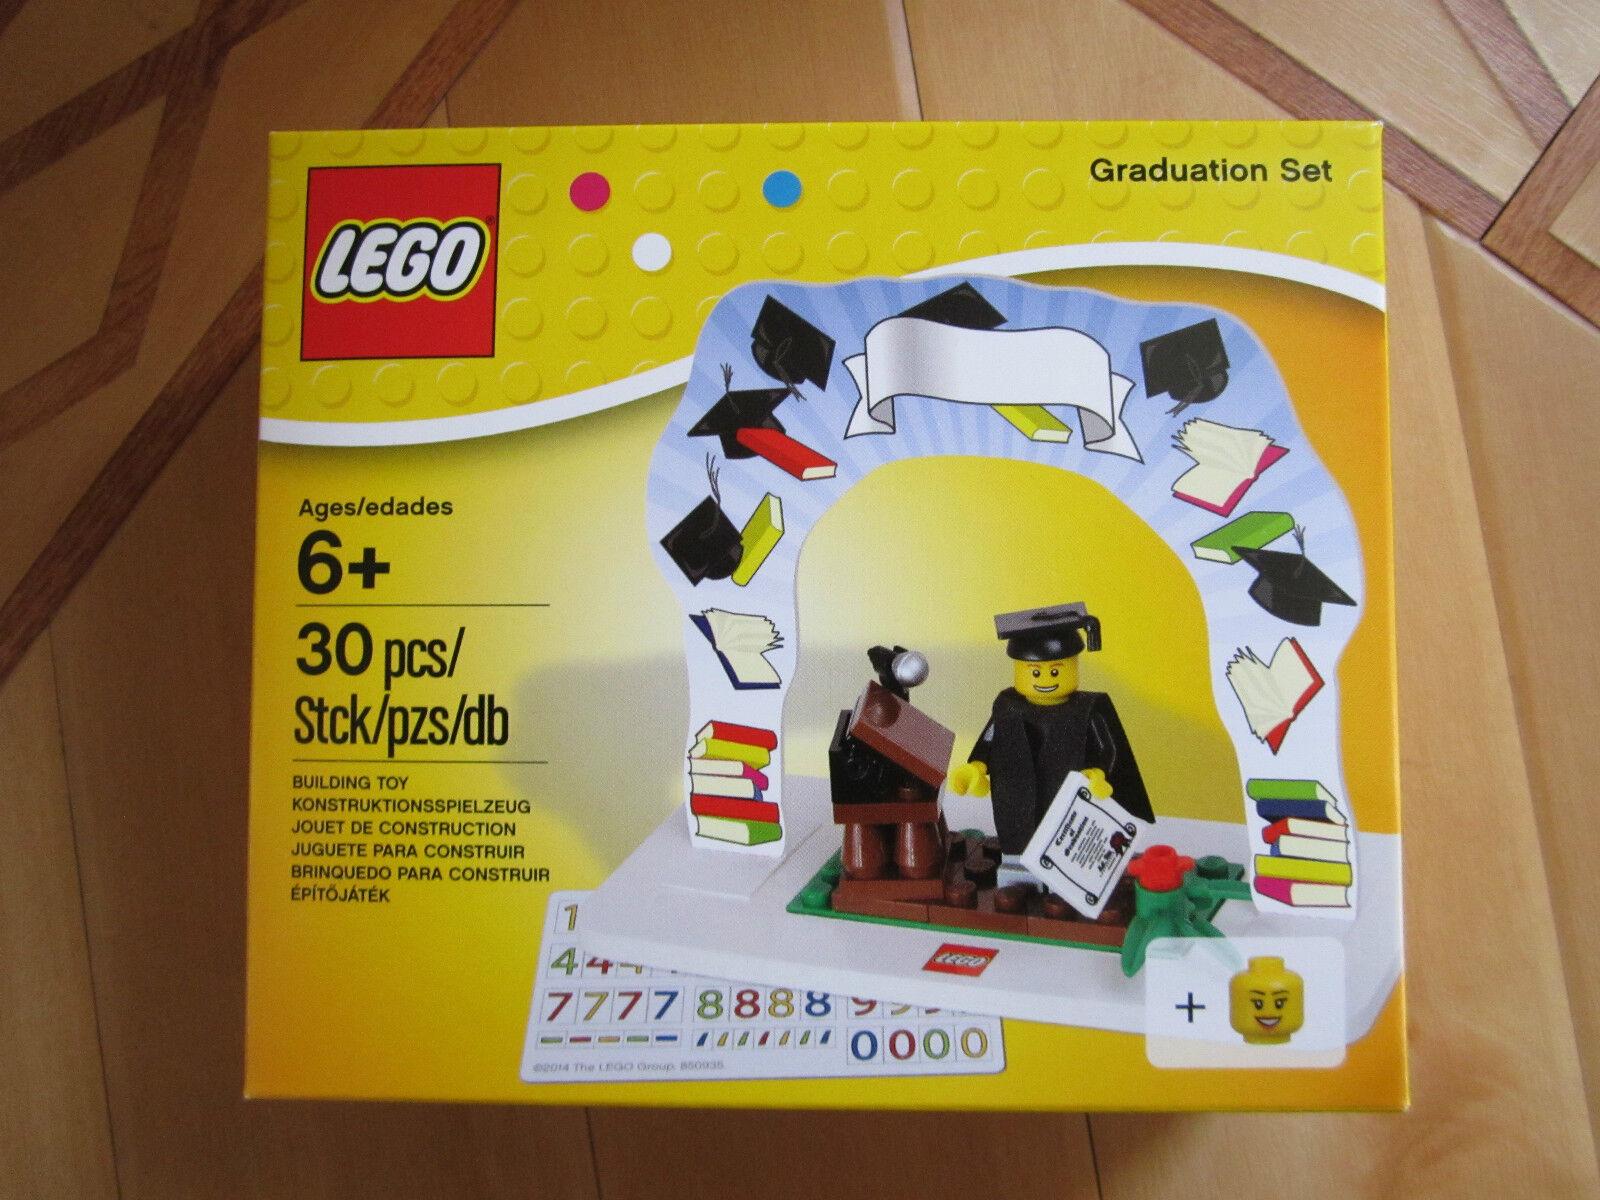 LEGO GRADUATION SET 850935 - RETIRED SET - NEW BOXED SEALED